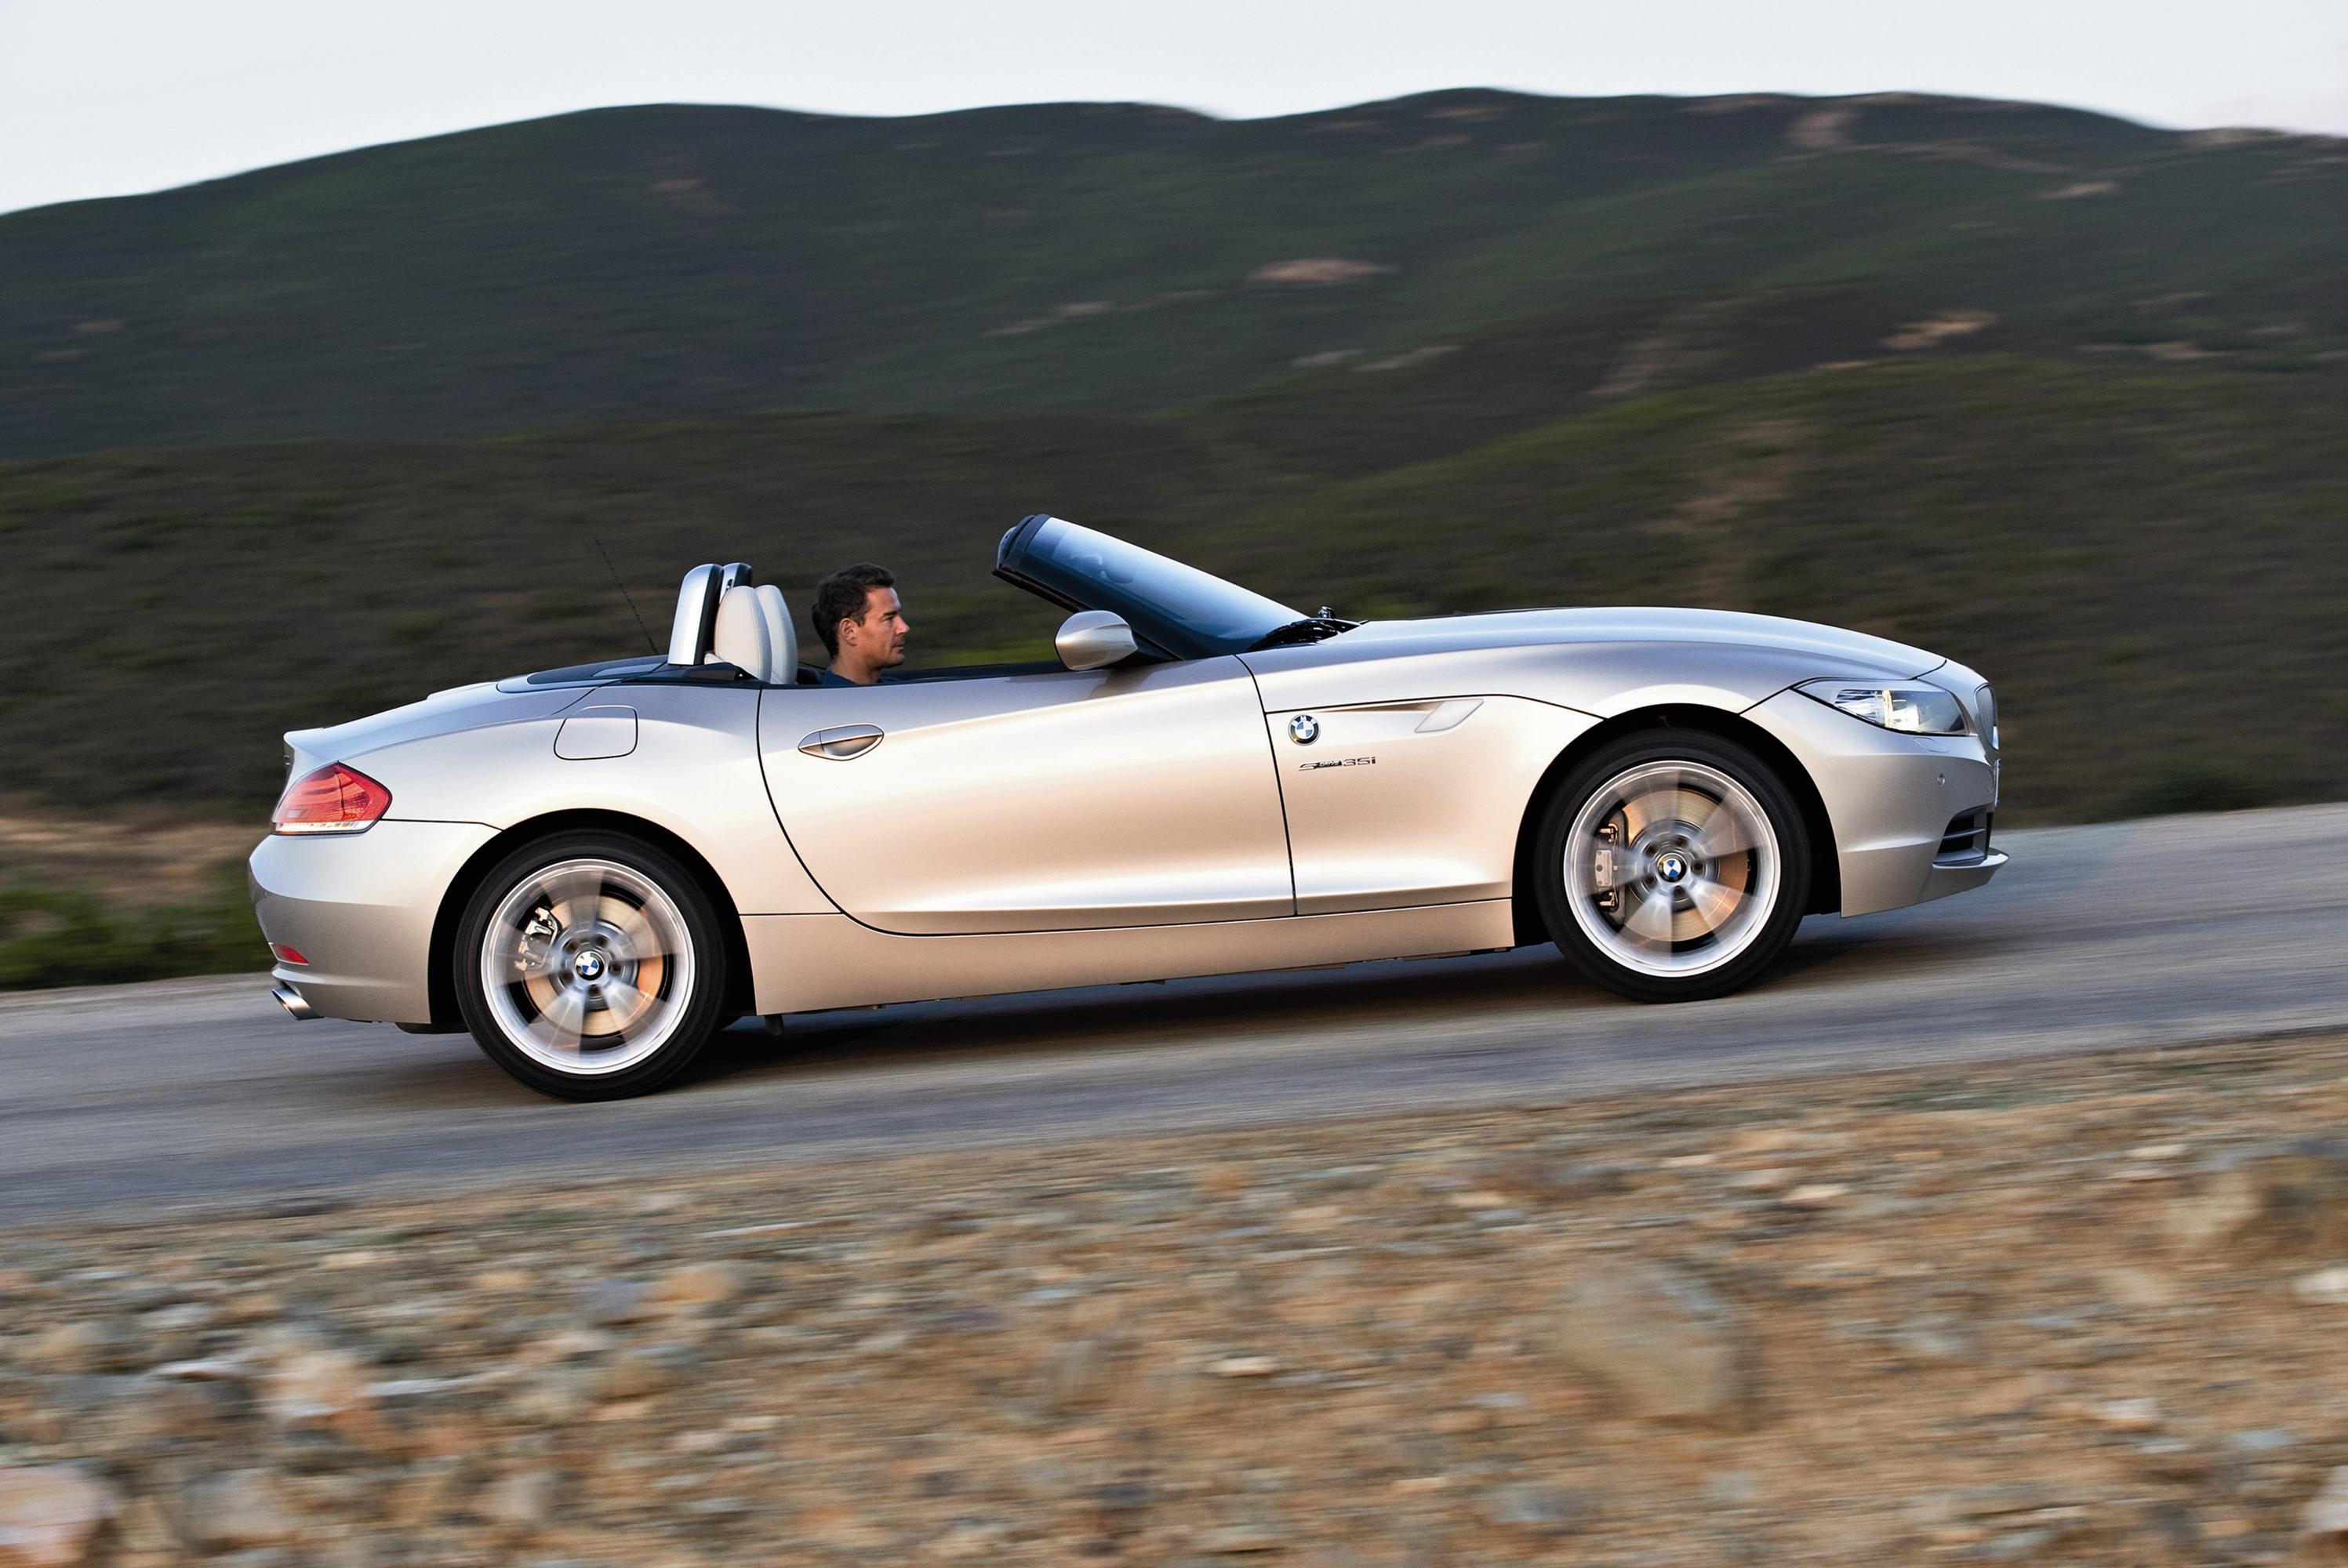 Новый 2010 Bmw Z4 Roadster - фотография №2